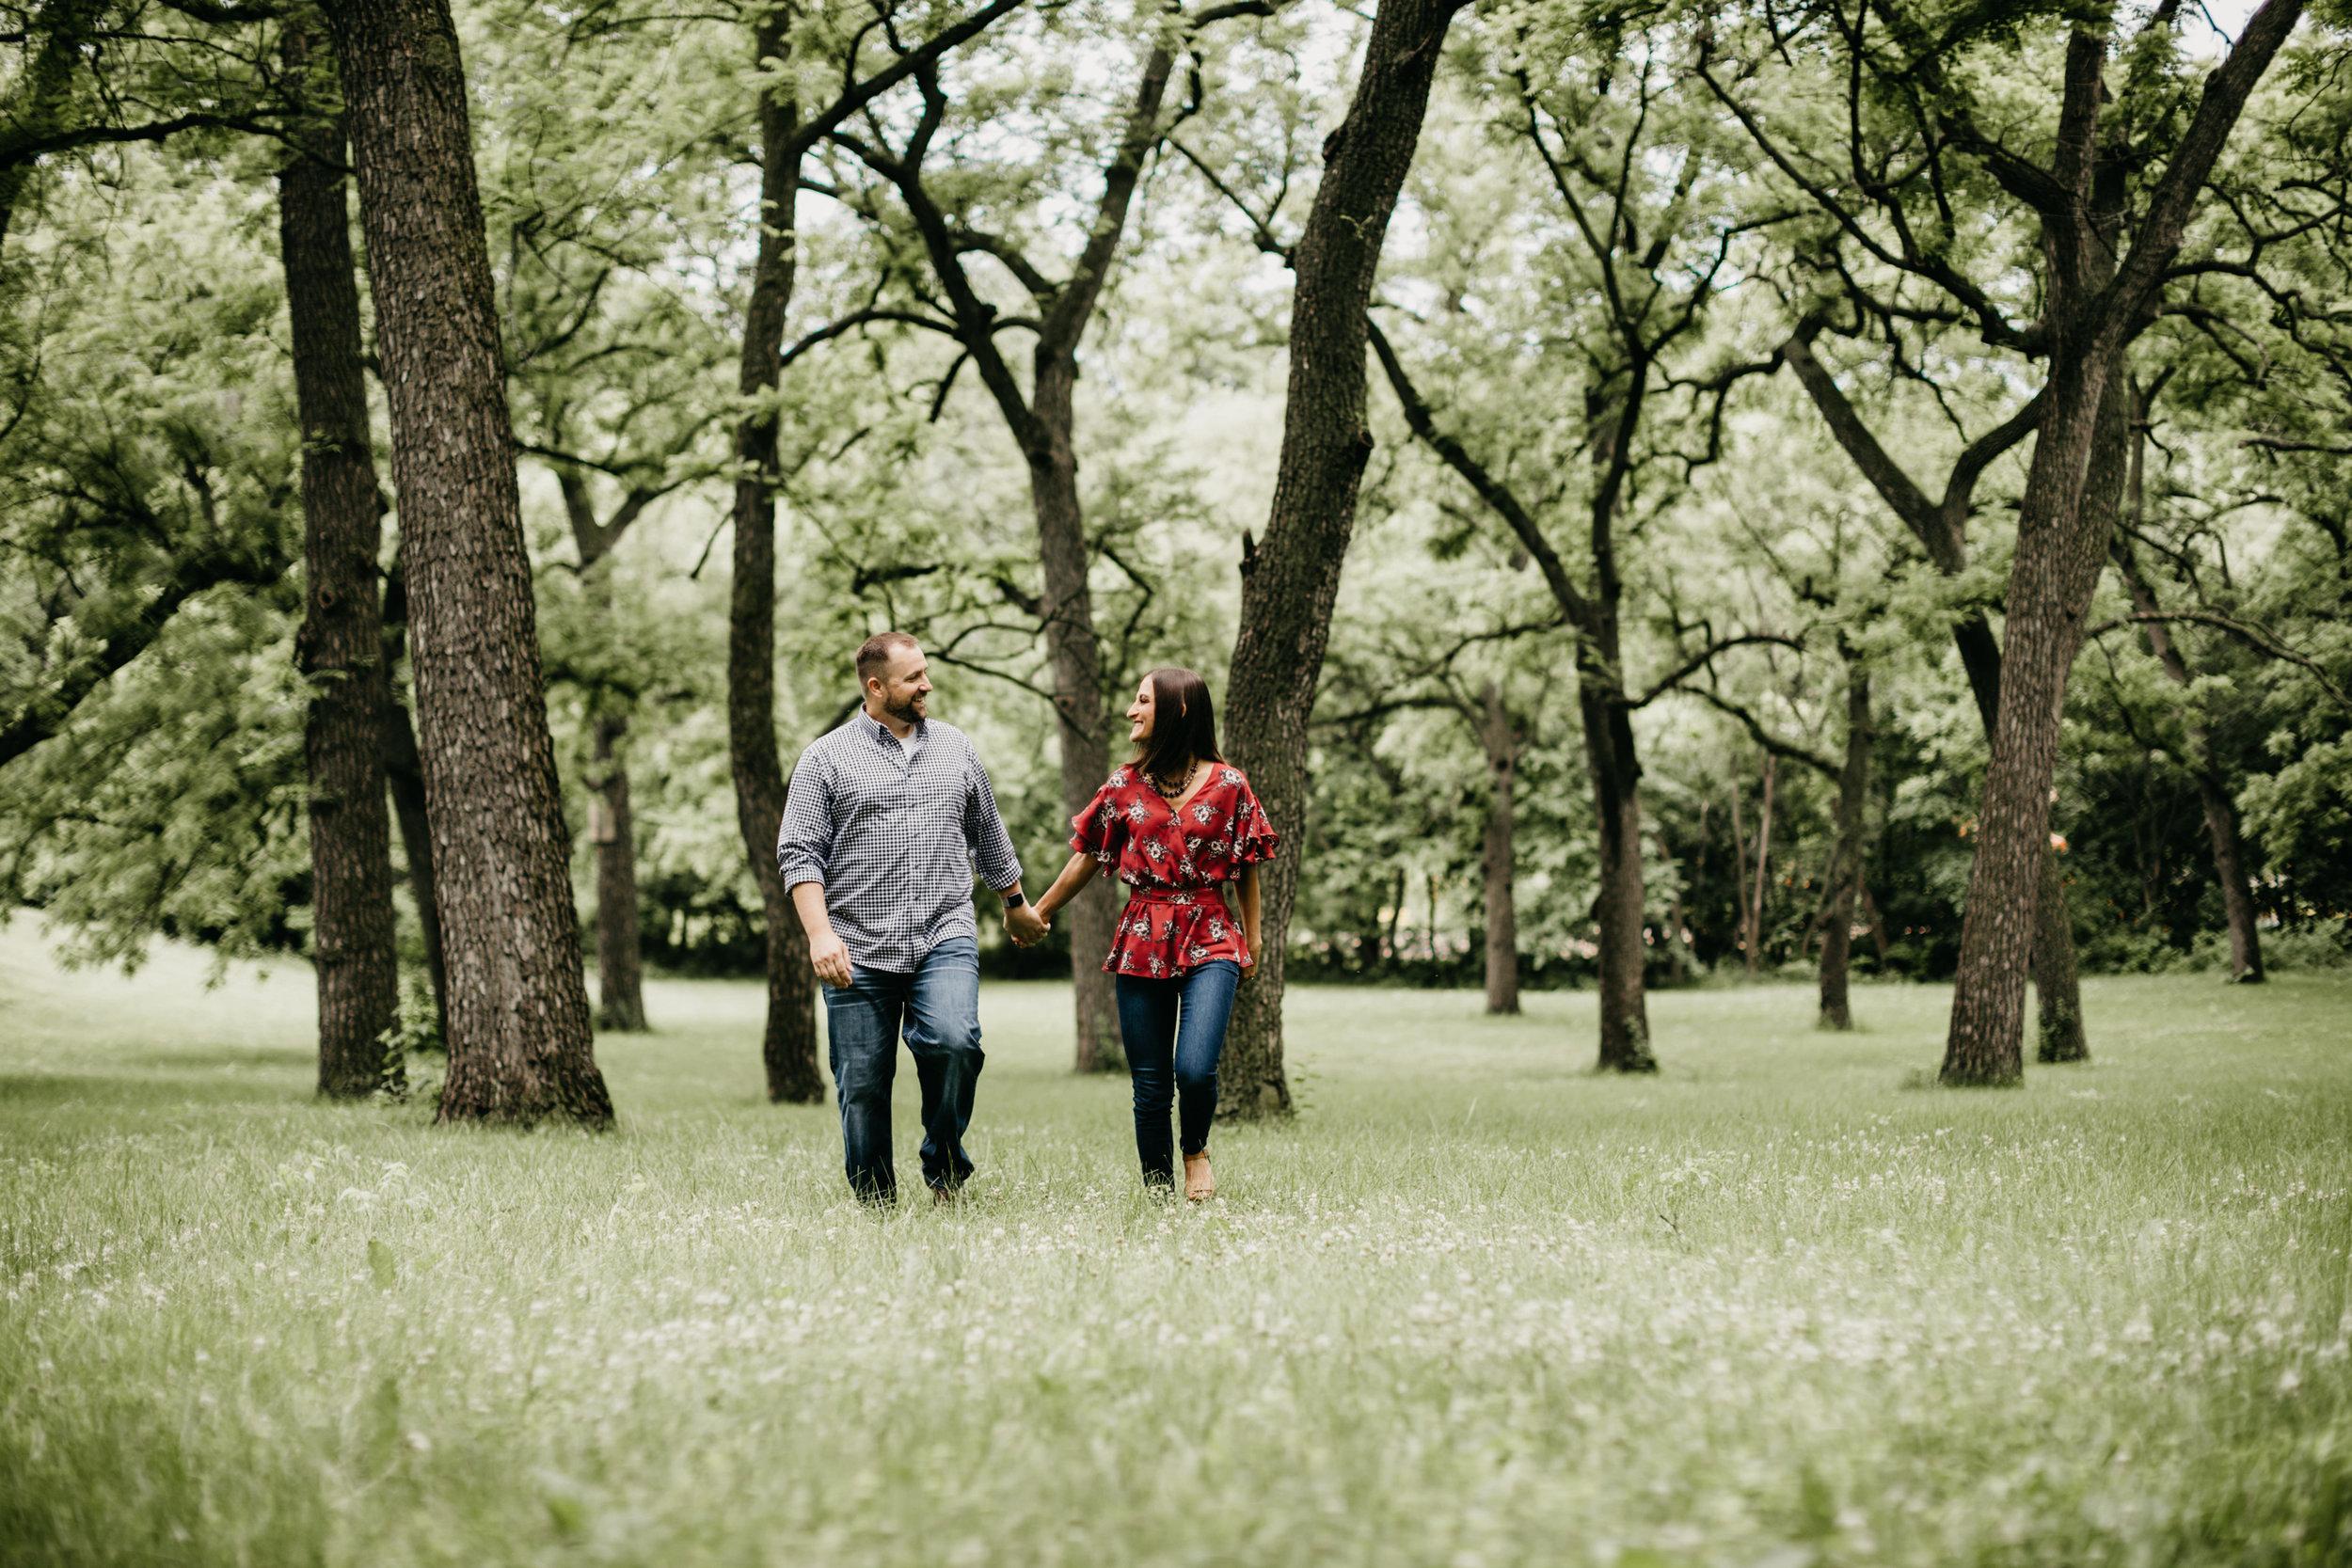 KaylaAndMichael-Engaged-6.jpg